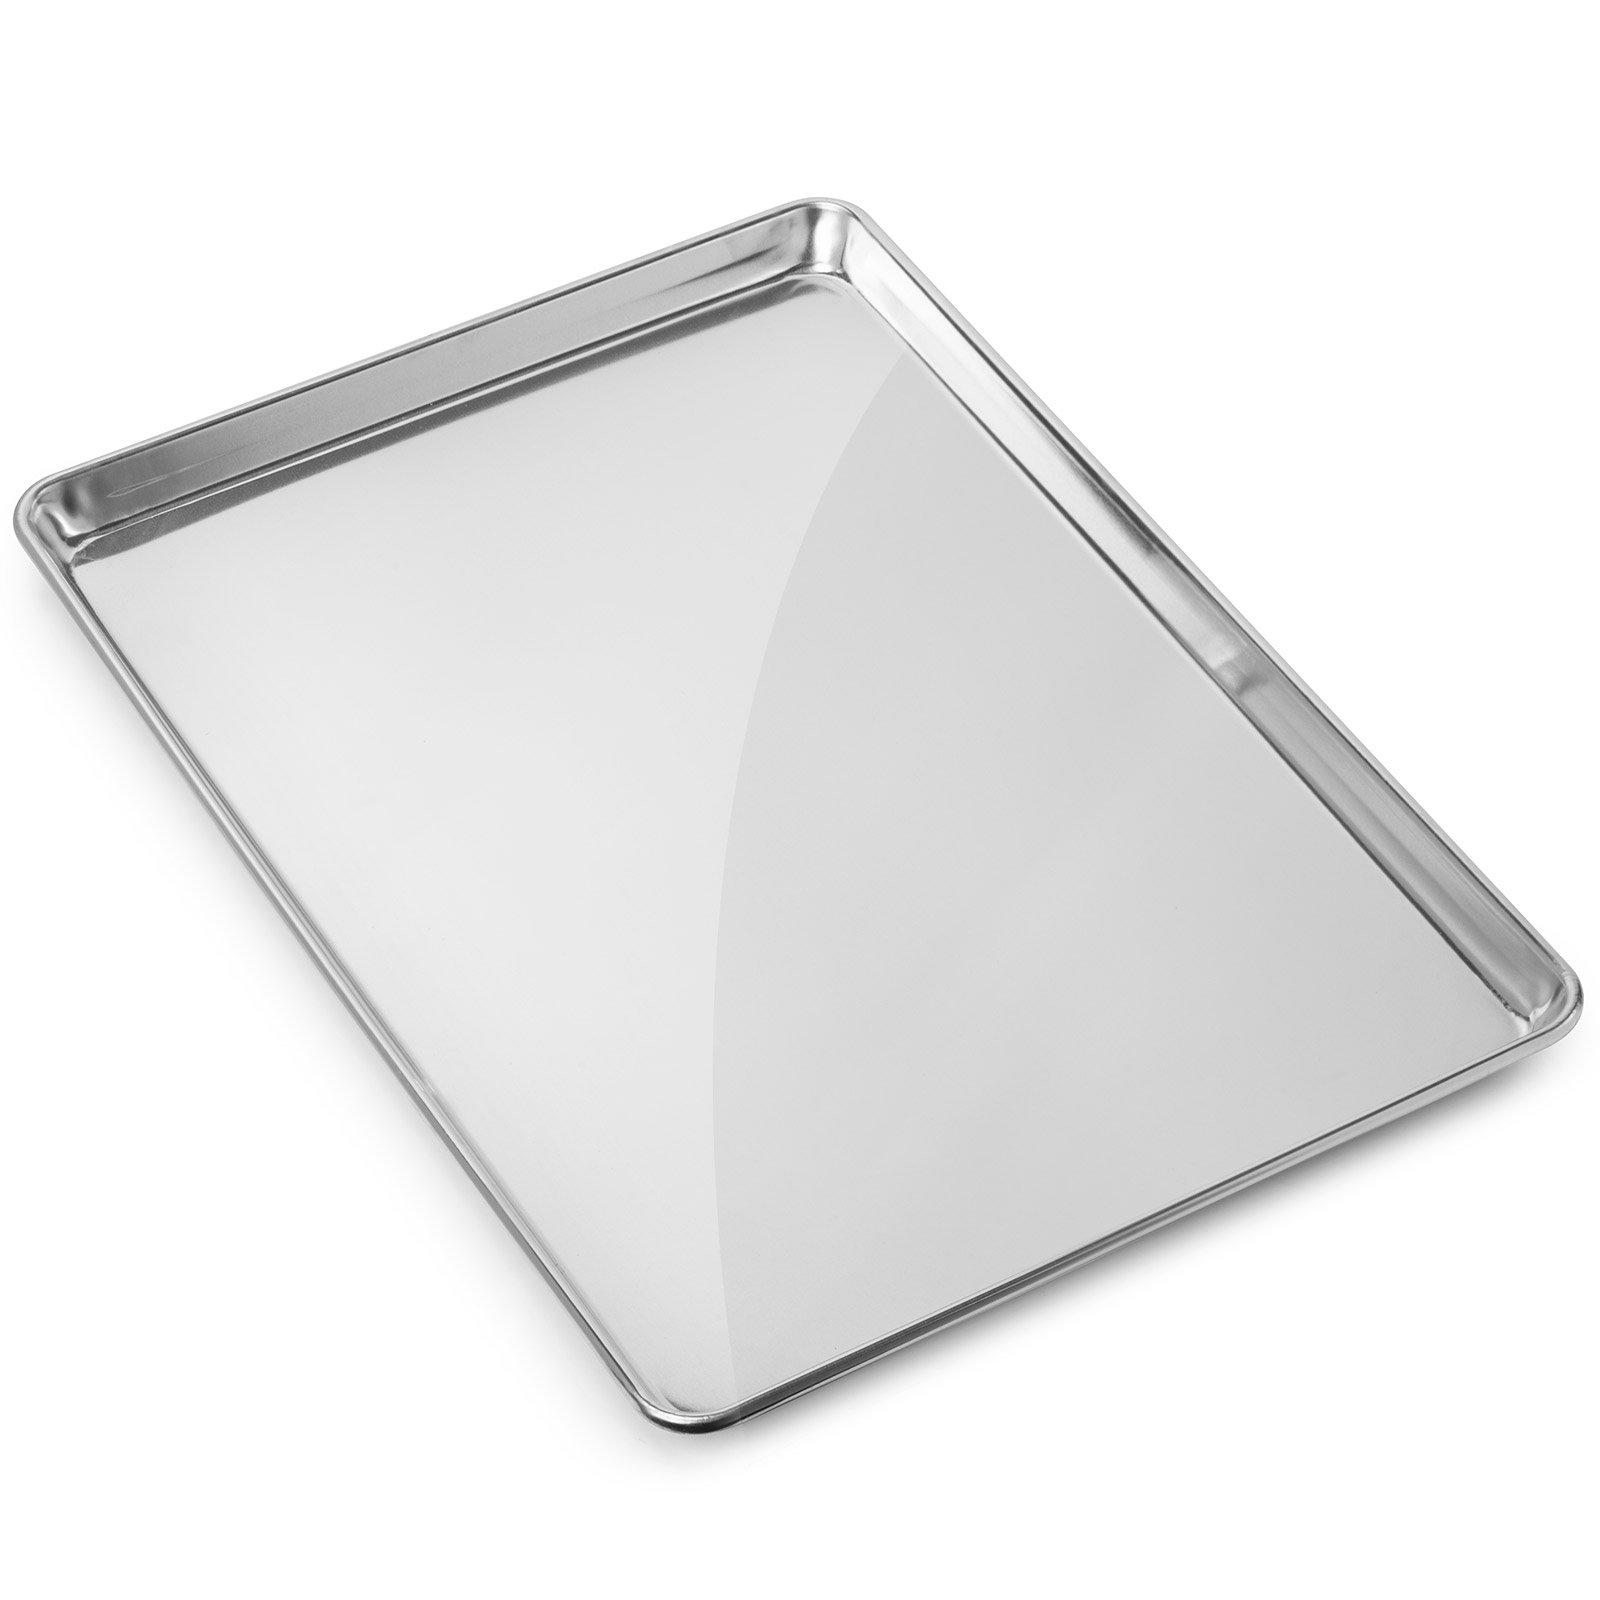 Gridmann 13'' x 18'' Commercial Grade Aluminium Cookie Sheet Baking Tray Jelly Roll Pan Half Sheet - 1 Pan